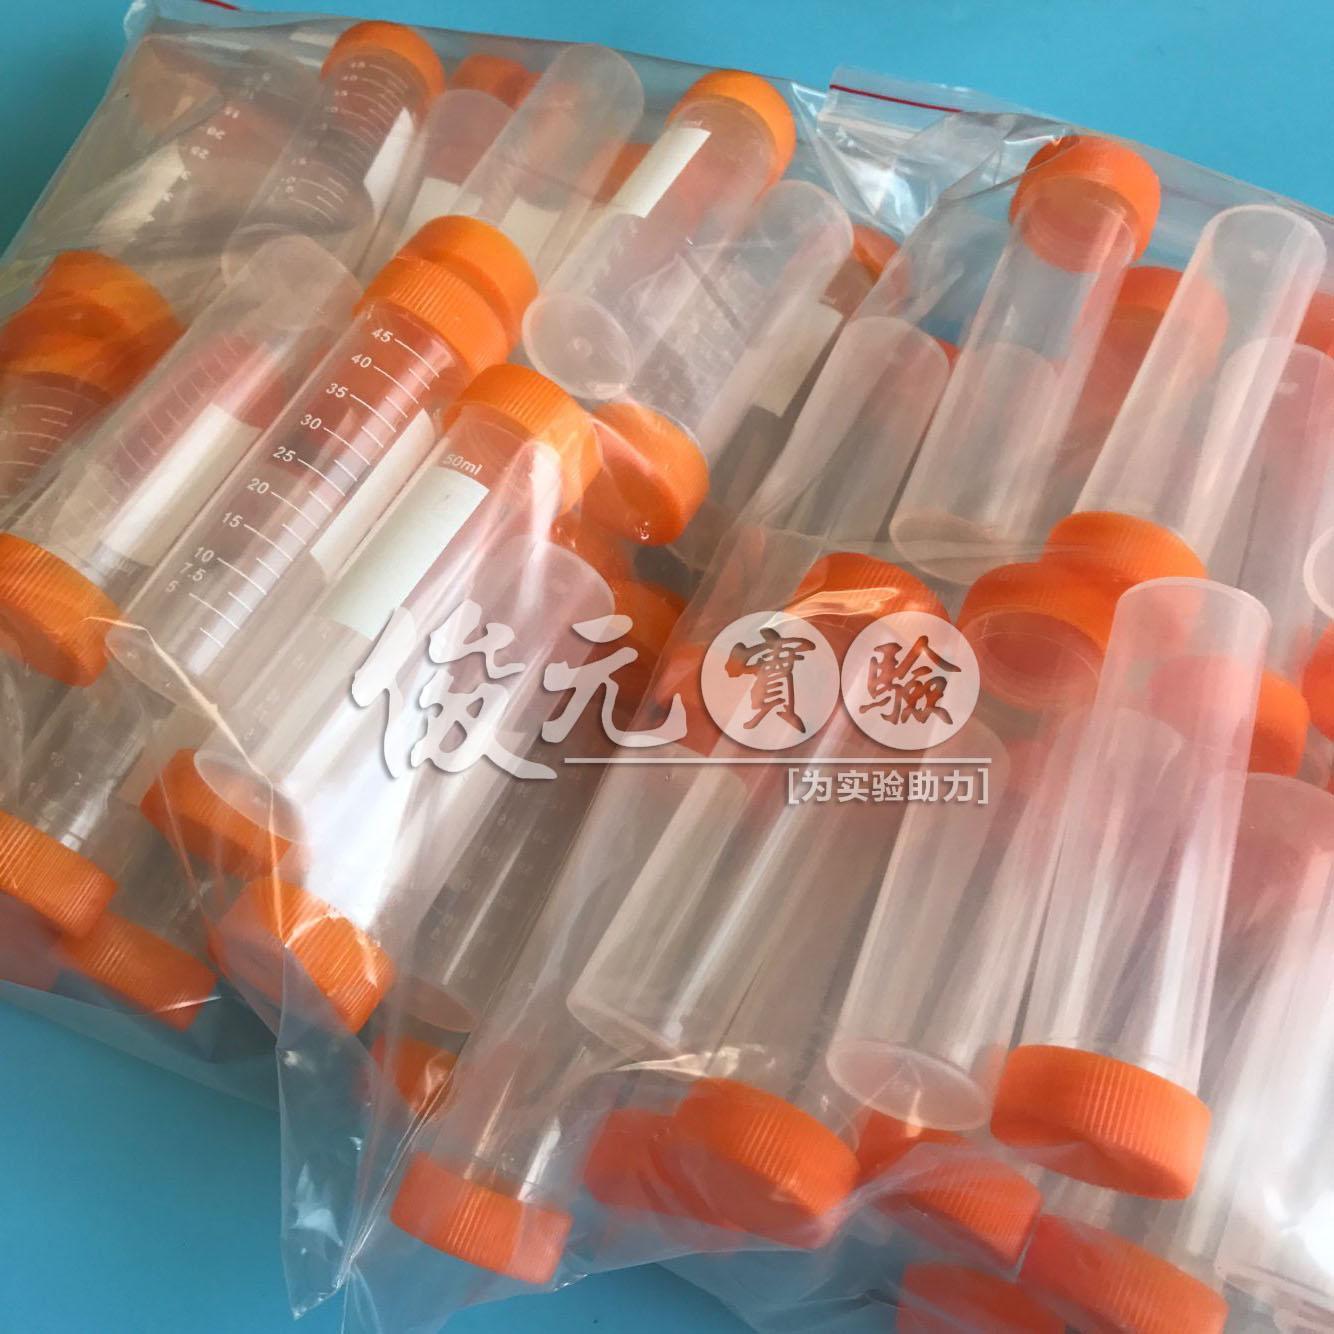 塑料50ml平底试管 螺口离心管样品管EP管种子瓶 50支 带刻度